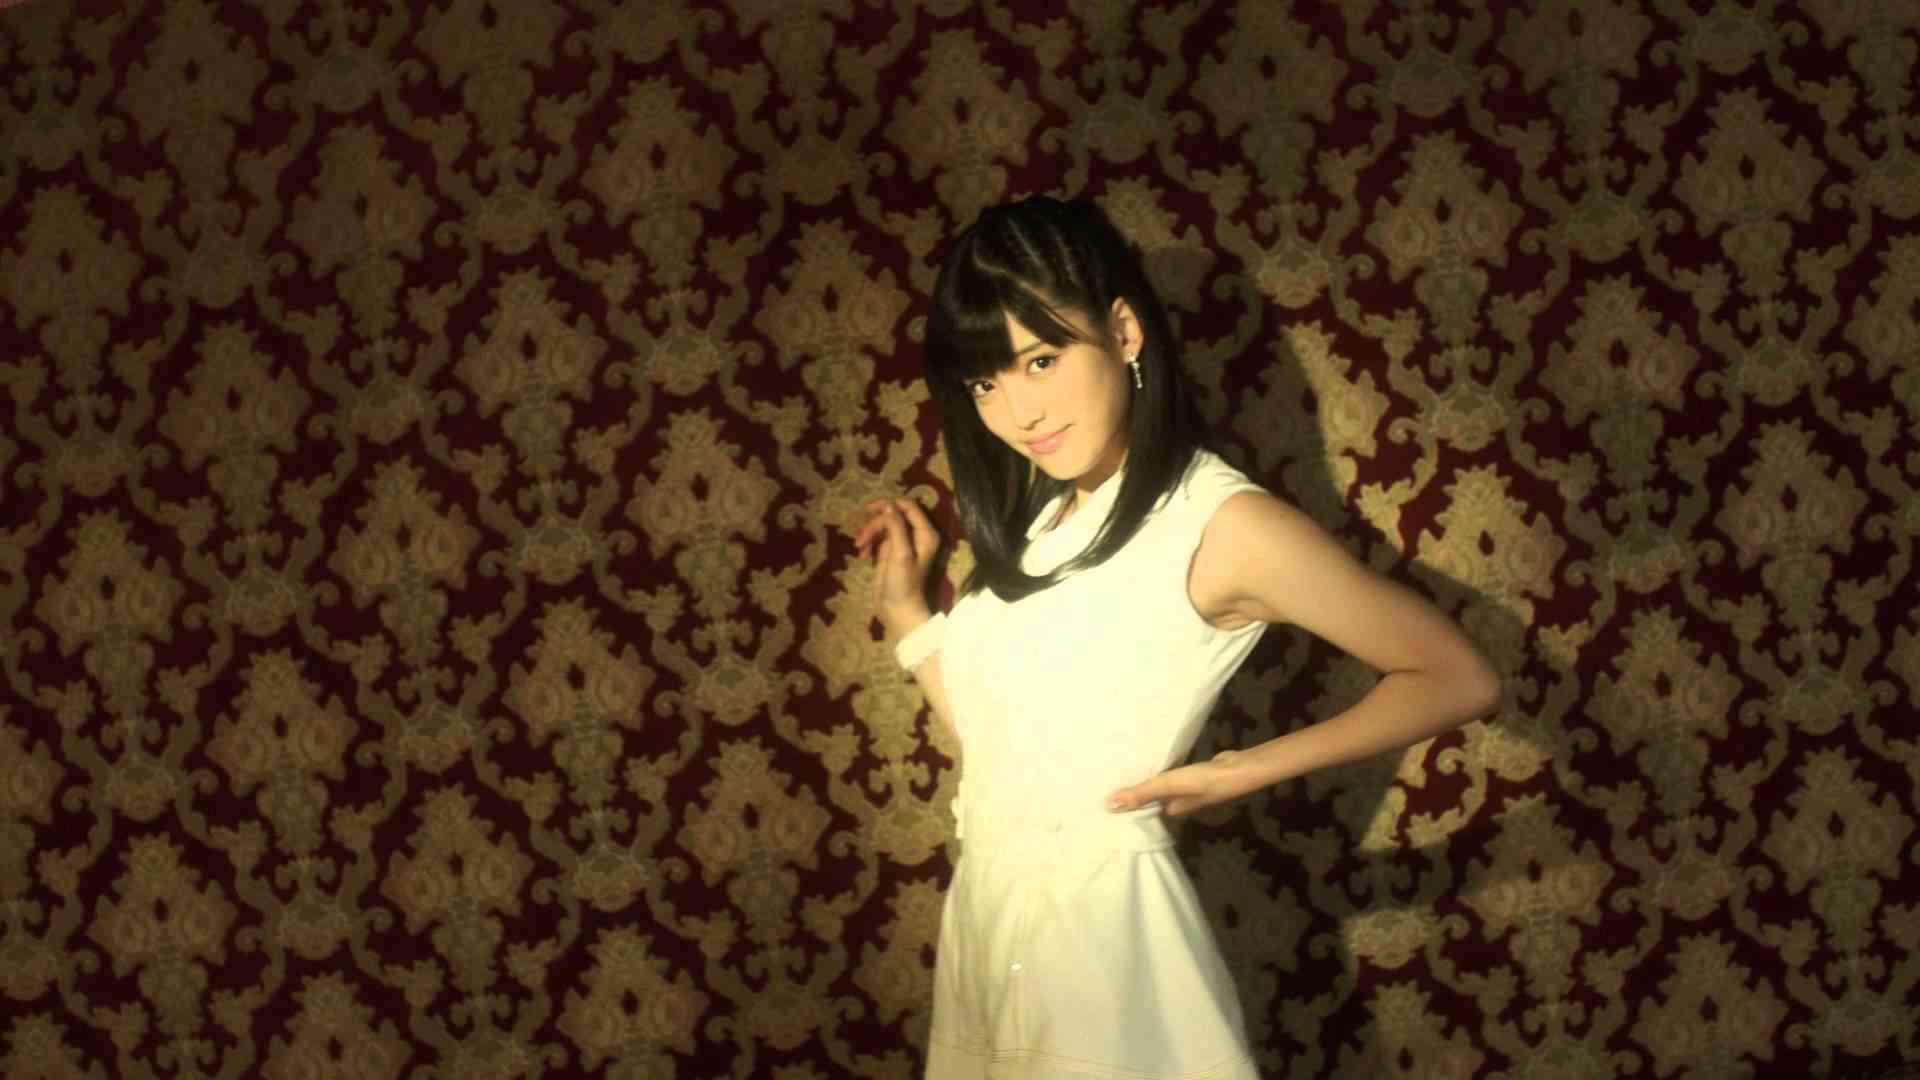 モーニング娘。'15『Oh my wish!』(Morning Musume。'15[Oh my wish!]) (Promotion Edit) - YouTube